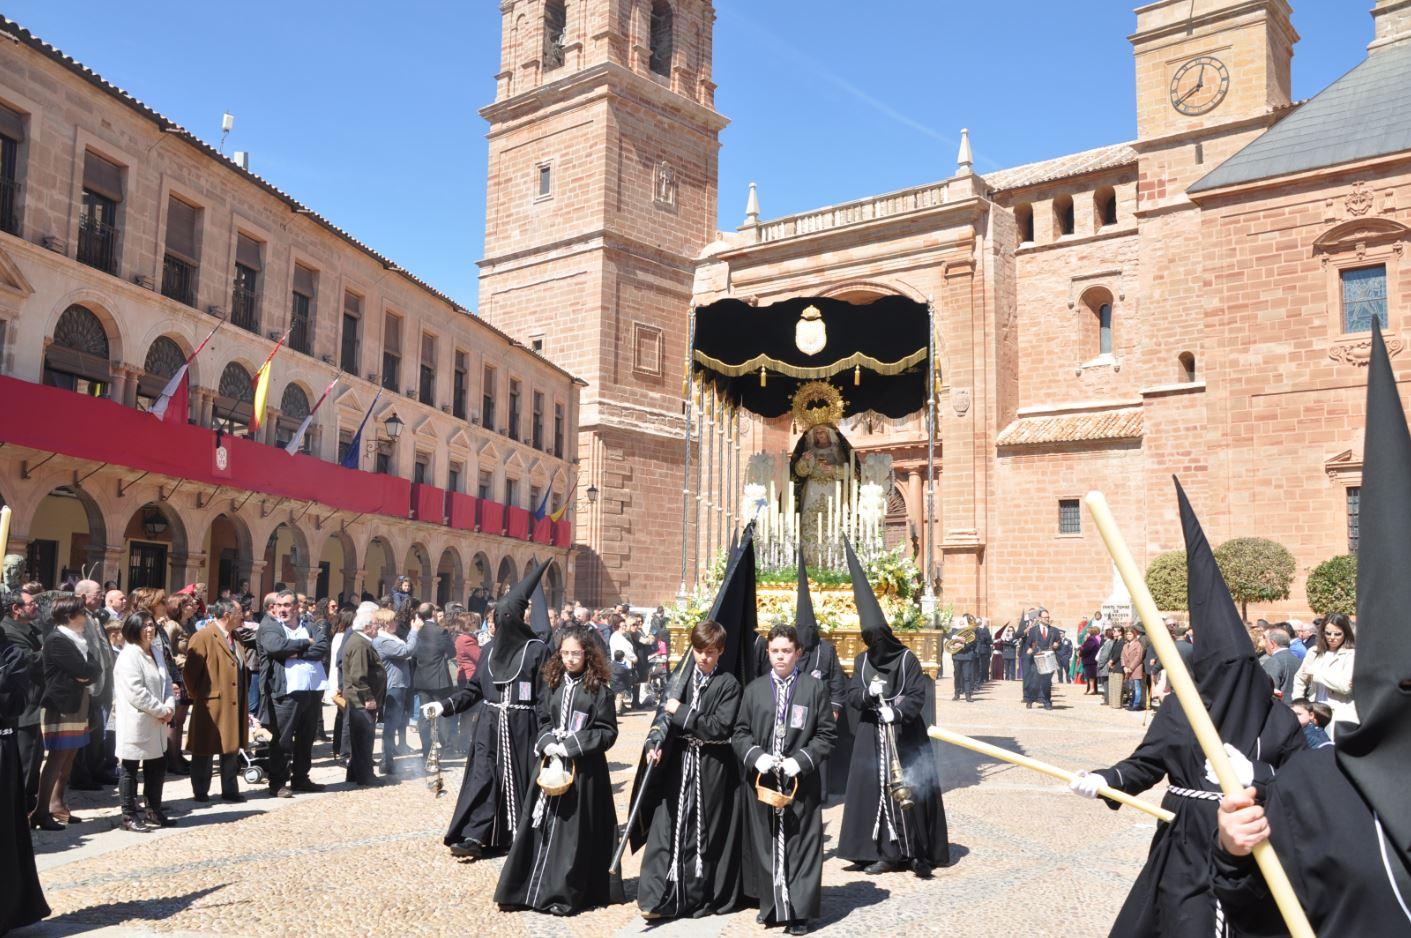 Los alojamientos turísticos de Villanueva de los Infantes alcanzan máxima ocupación durante la Semana Santa